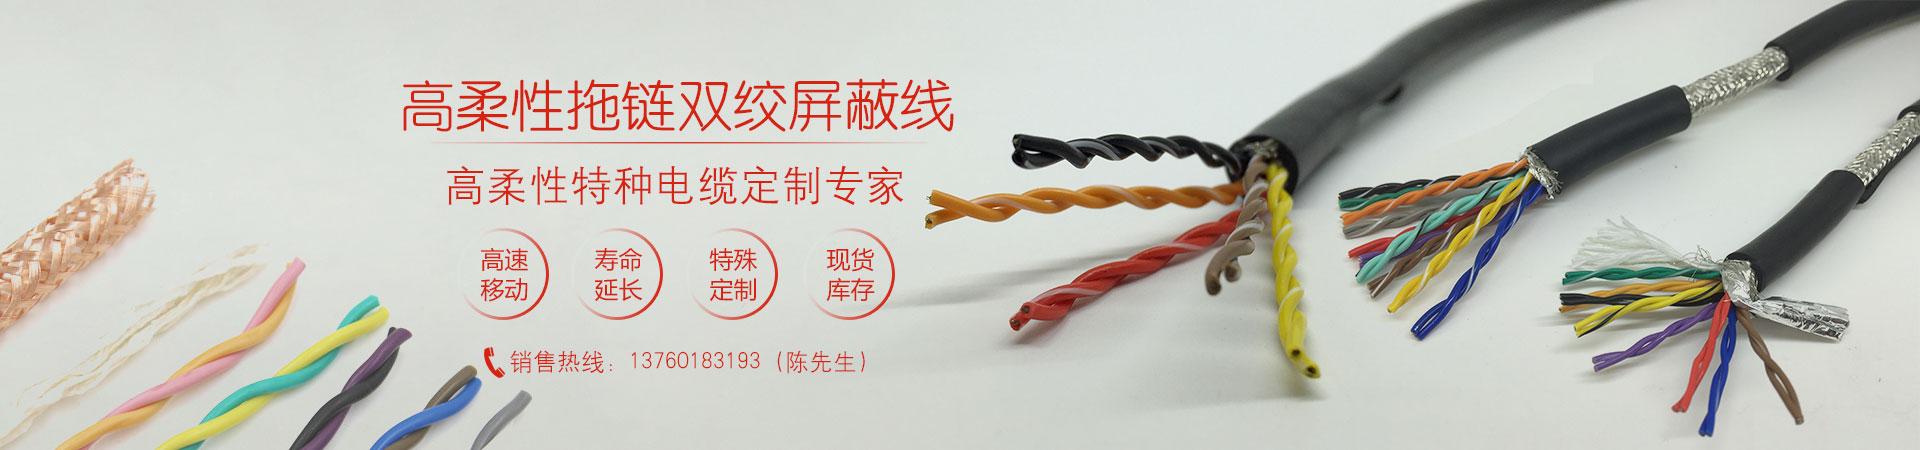 2-100高柔性拖链双绞屏蔽电缆厂家现货